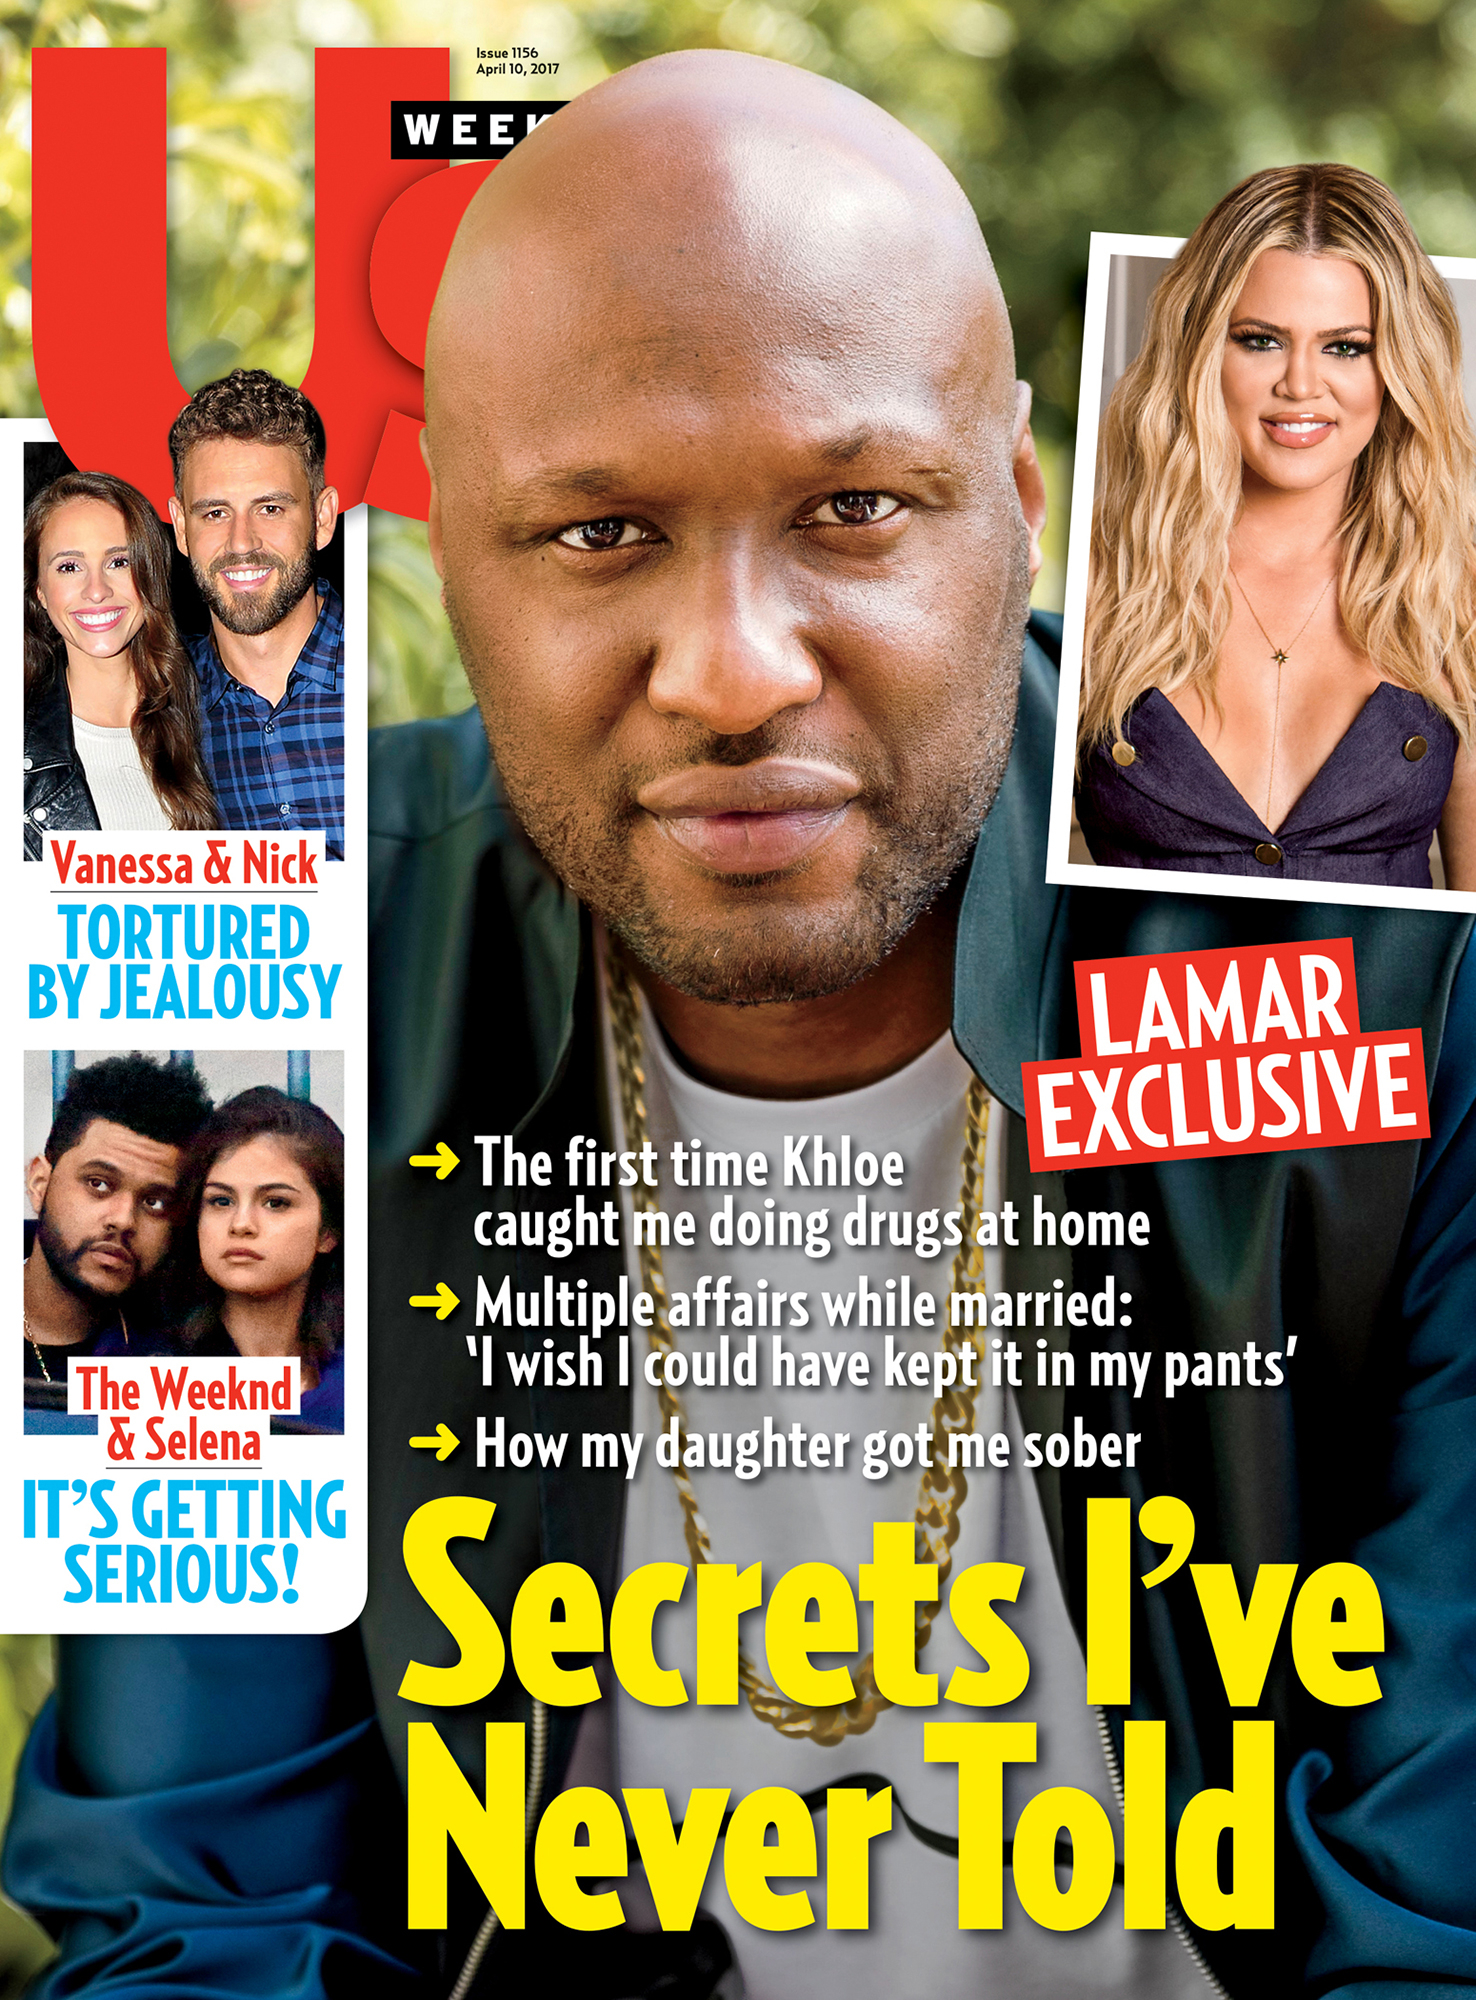 Lamar Odom Breaks His Silence